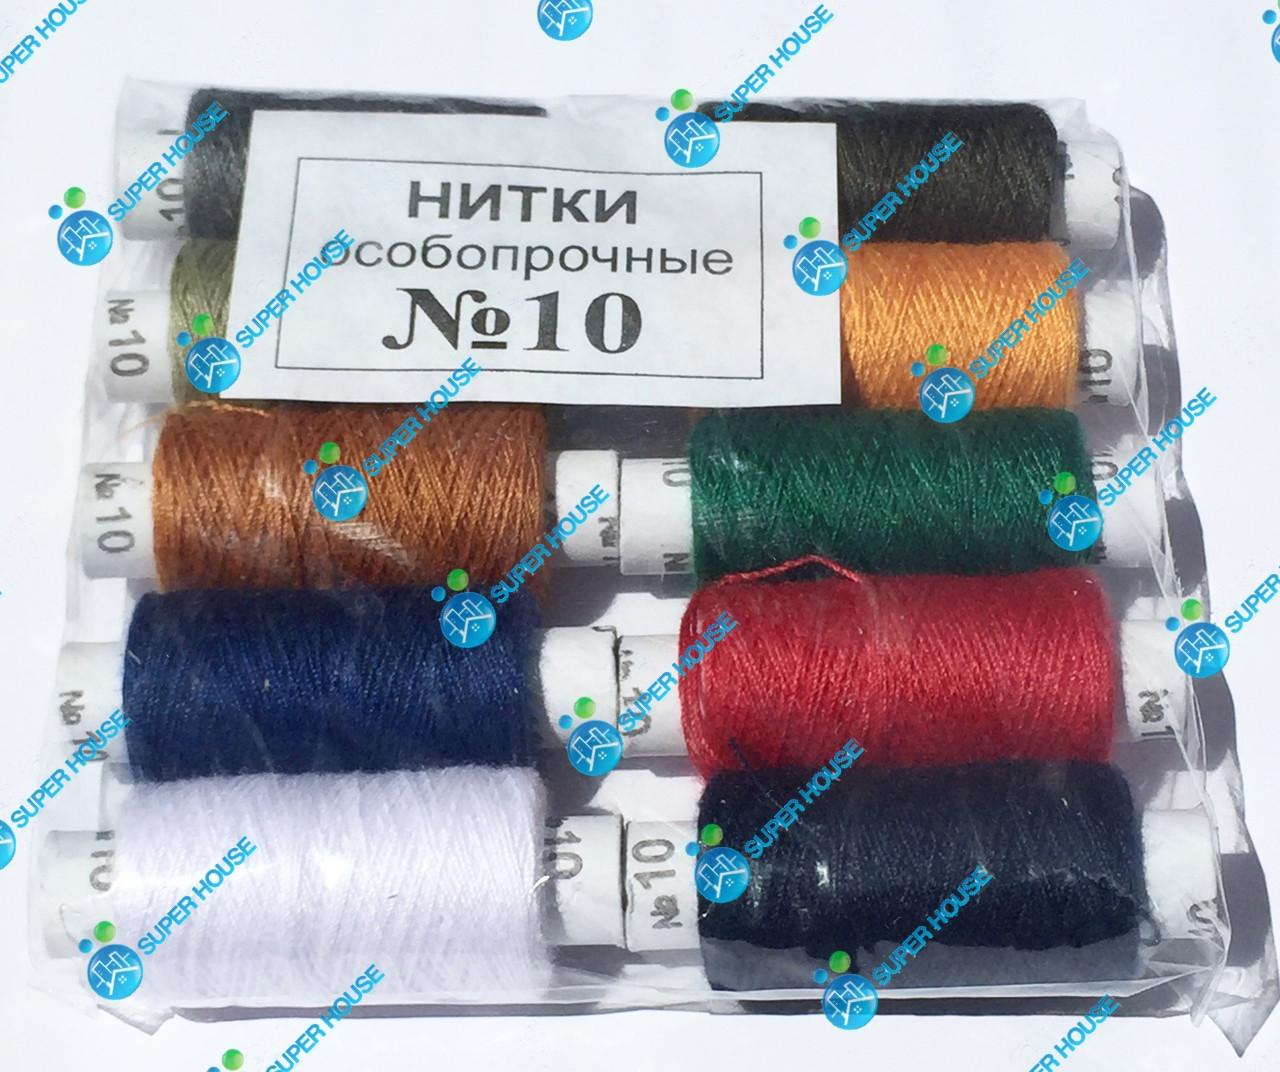 Швейная нитка №10 цветная. Полиэстер. Плотный намот 200м. 10 катушек в 1 уп.